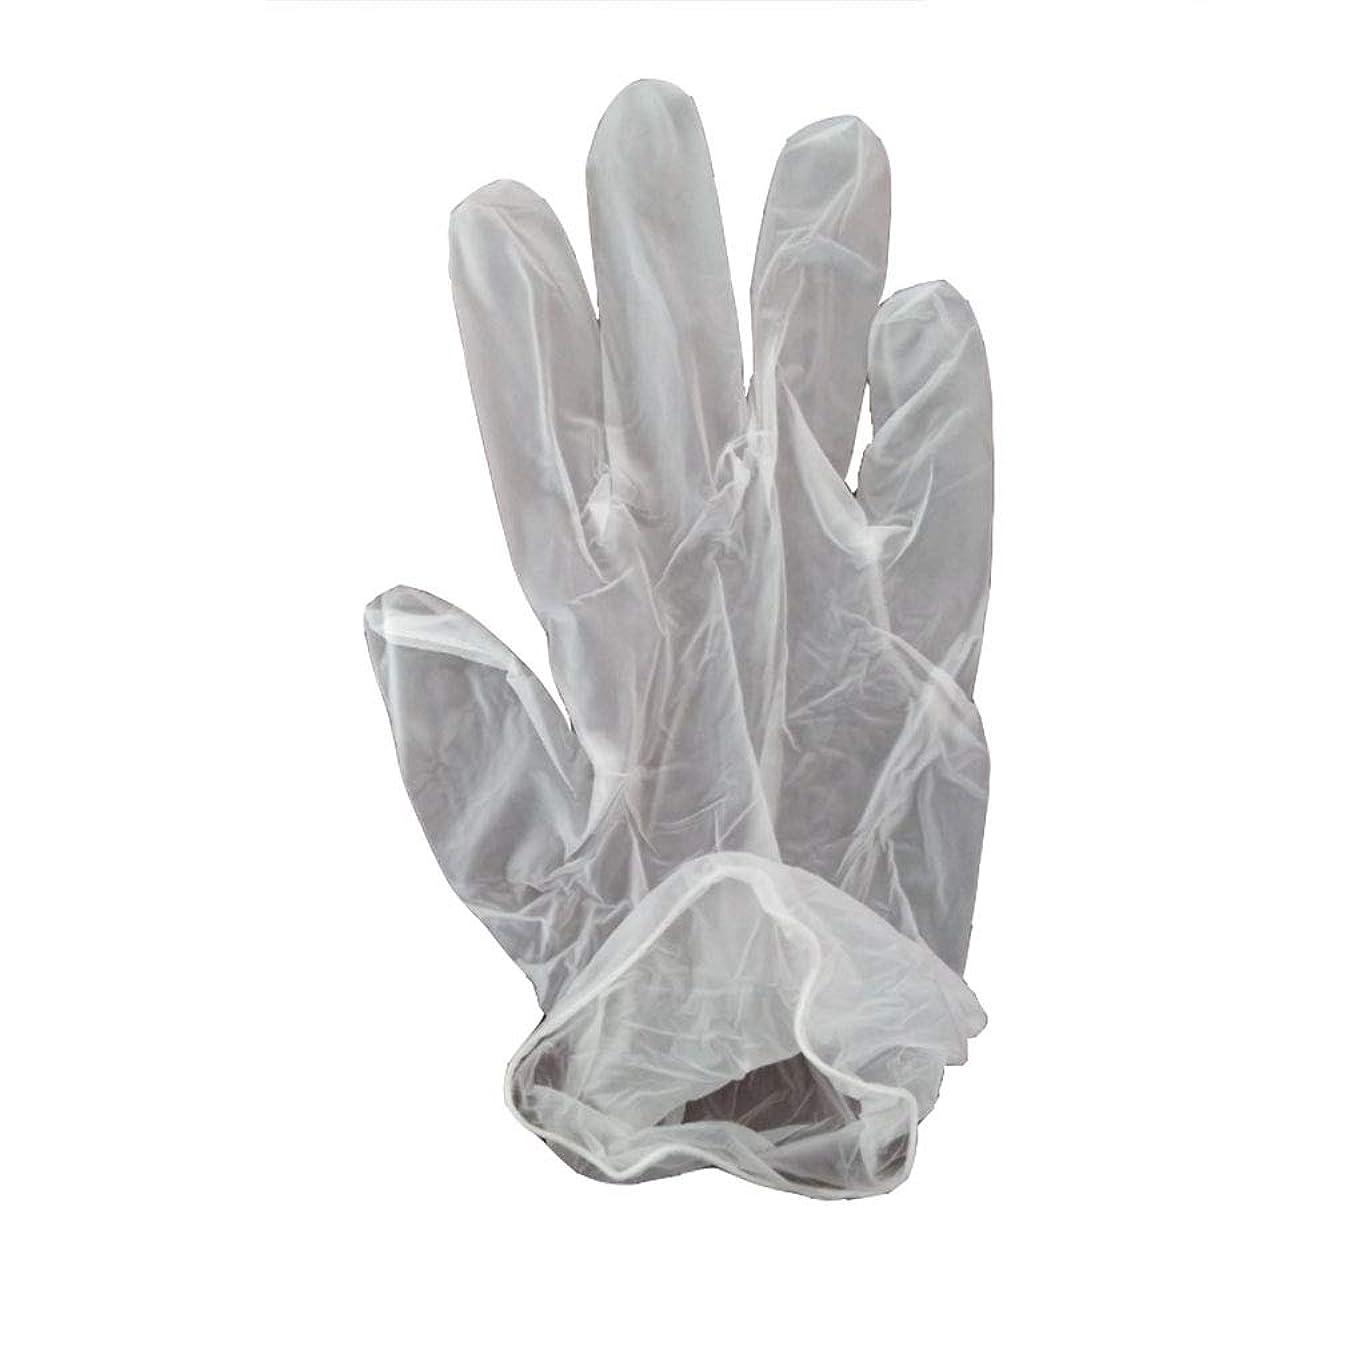 道アブストラクト揺れる100箱の使い捨て手袋、PVC手袋、透明で濃厚なヘアケア手袋。 (サイズ さいず : XL, UnitCount : 200 only)